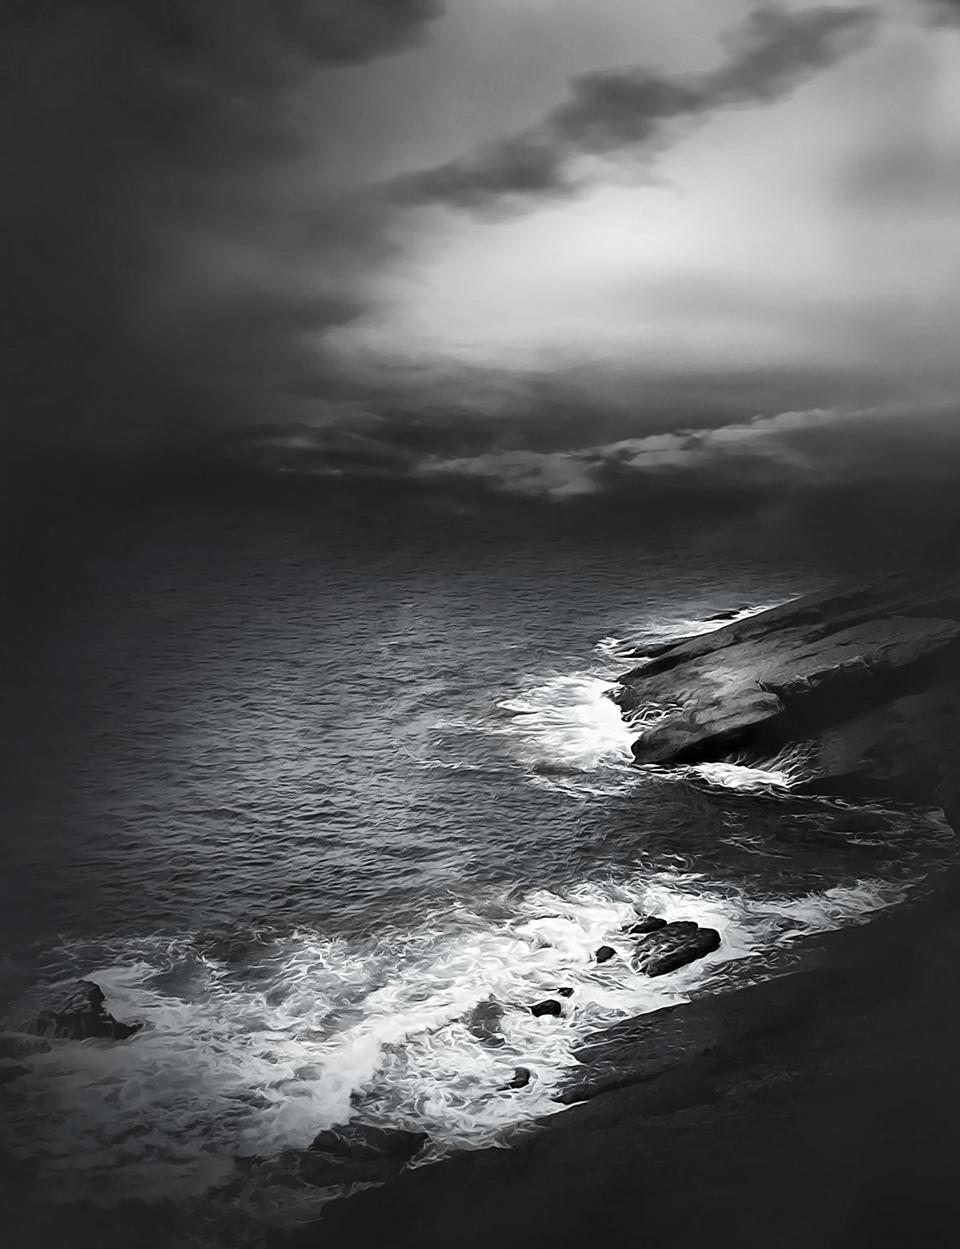 enorme acantilado y el mar en la parte posterior